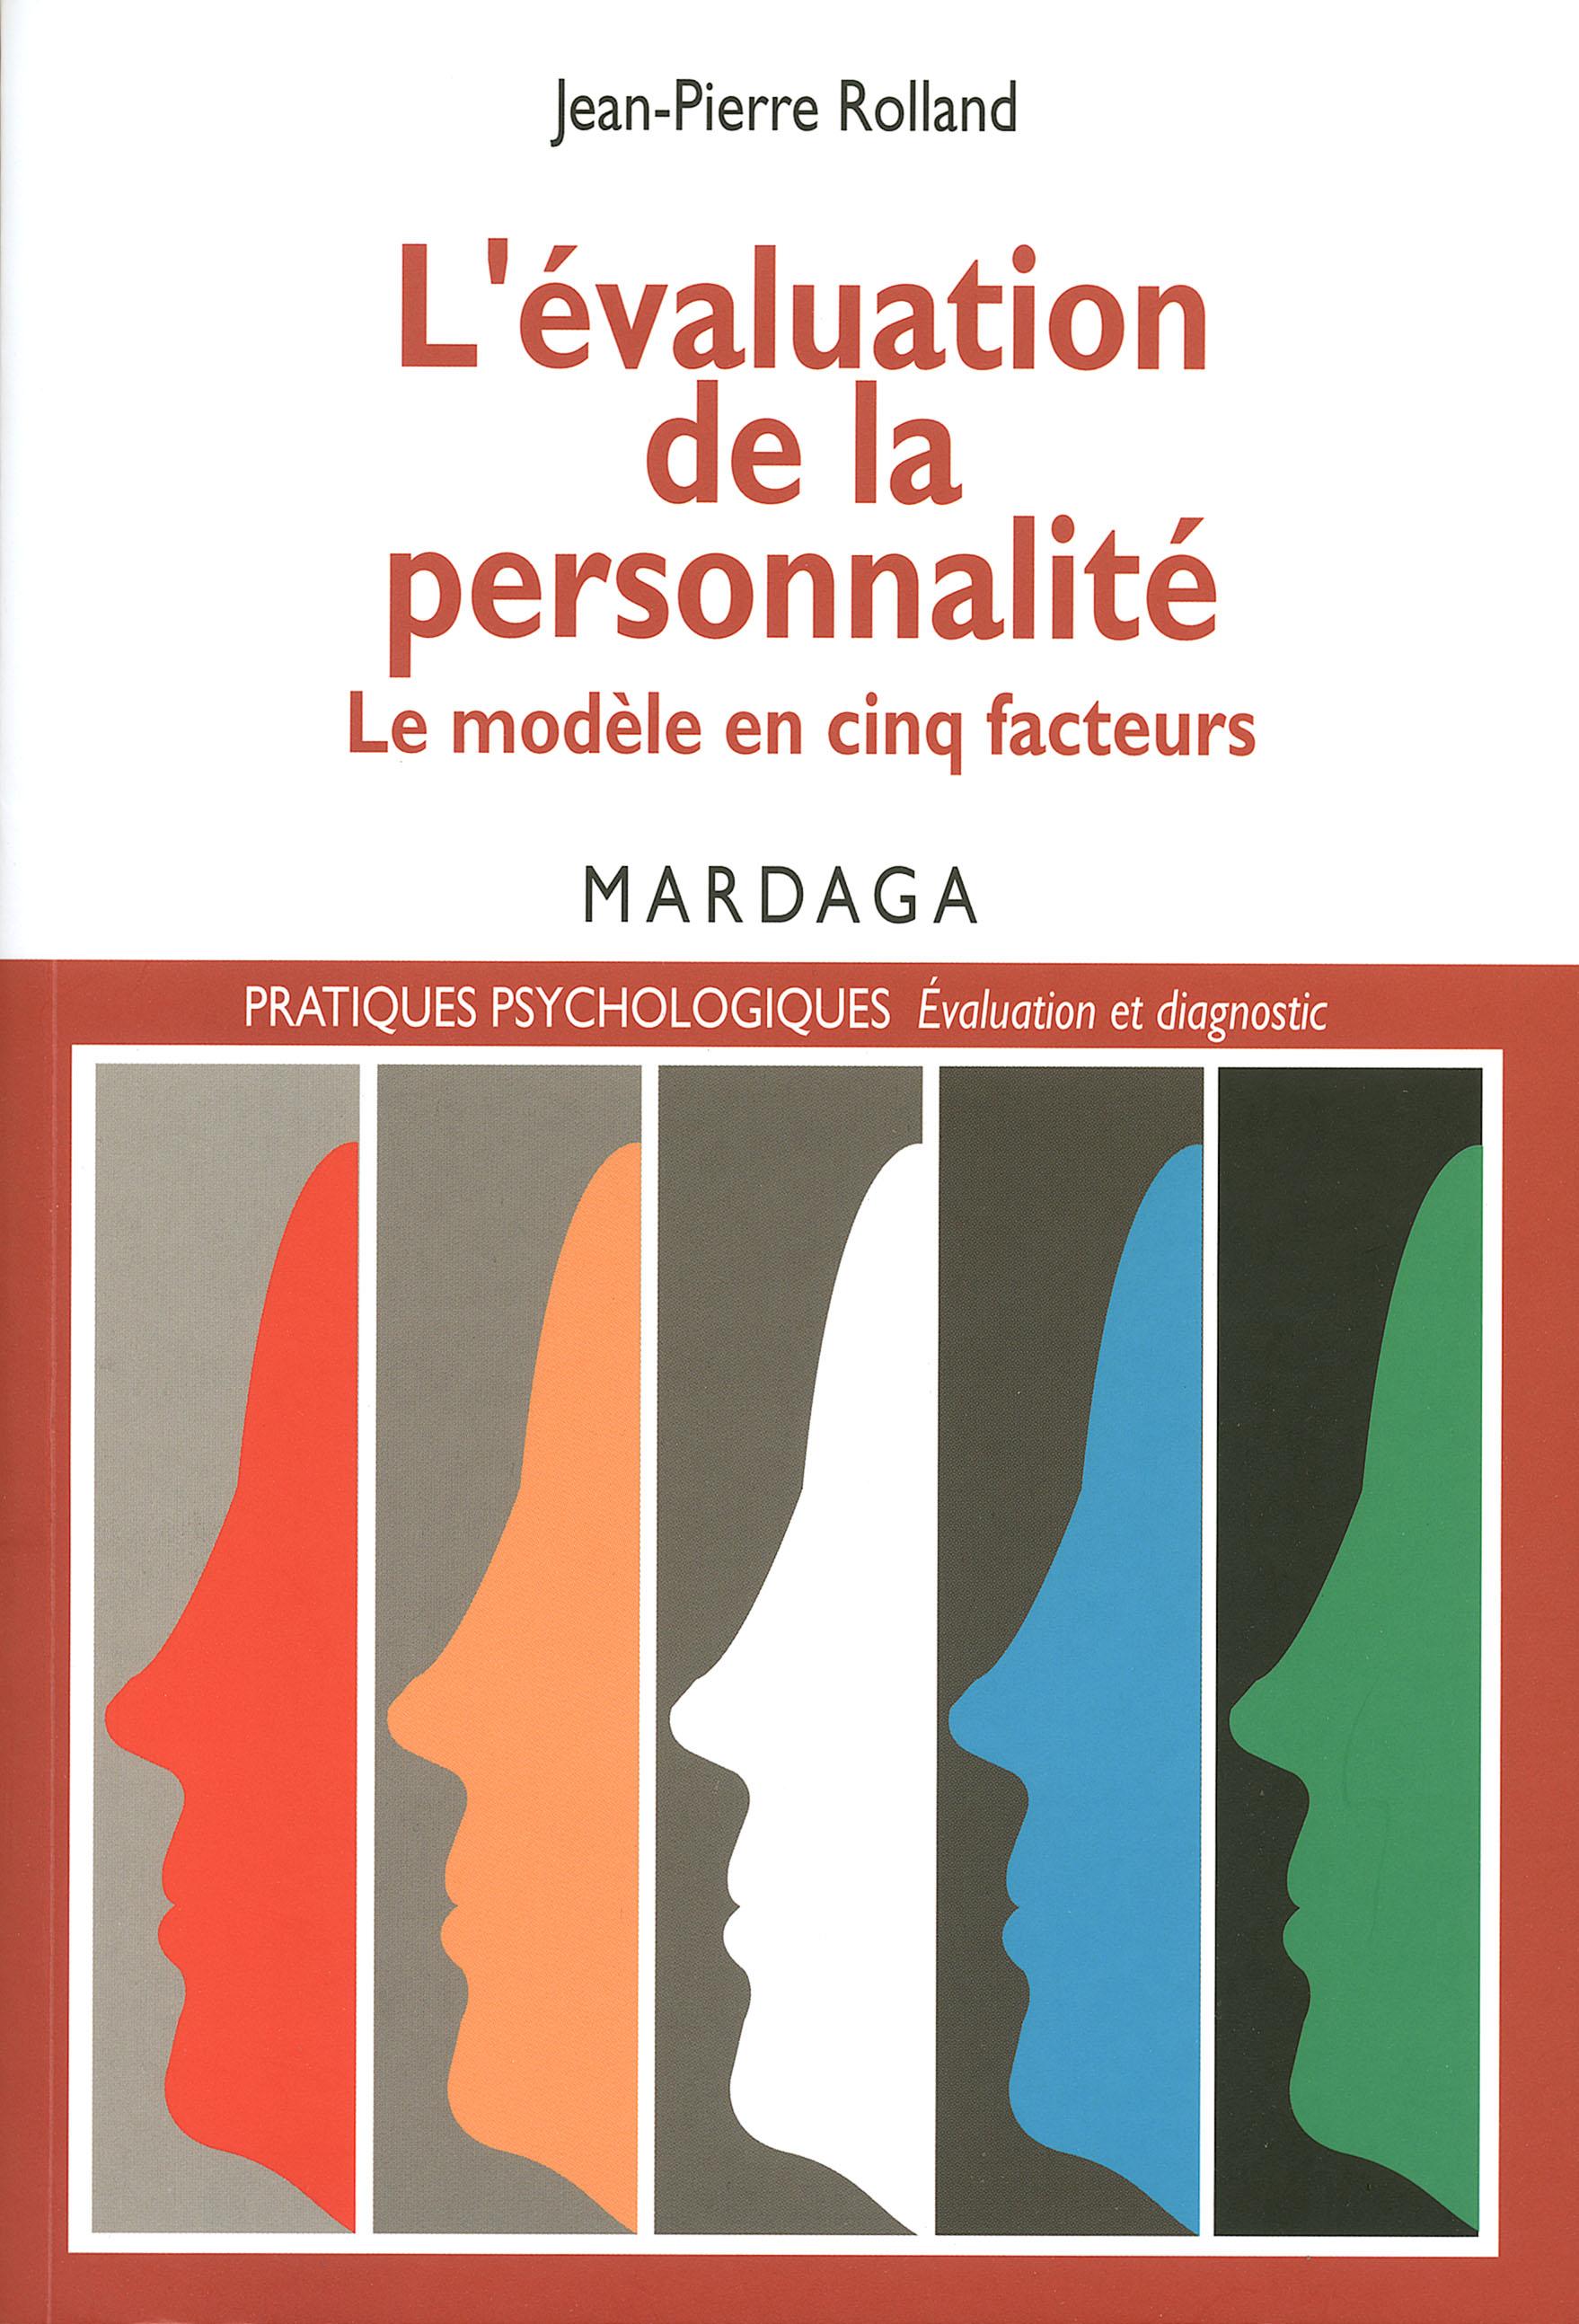 L'évaluation de la personnalité, Le modèle en cinq facteurs